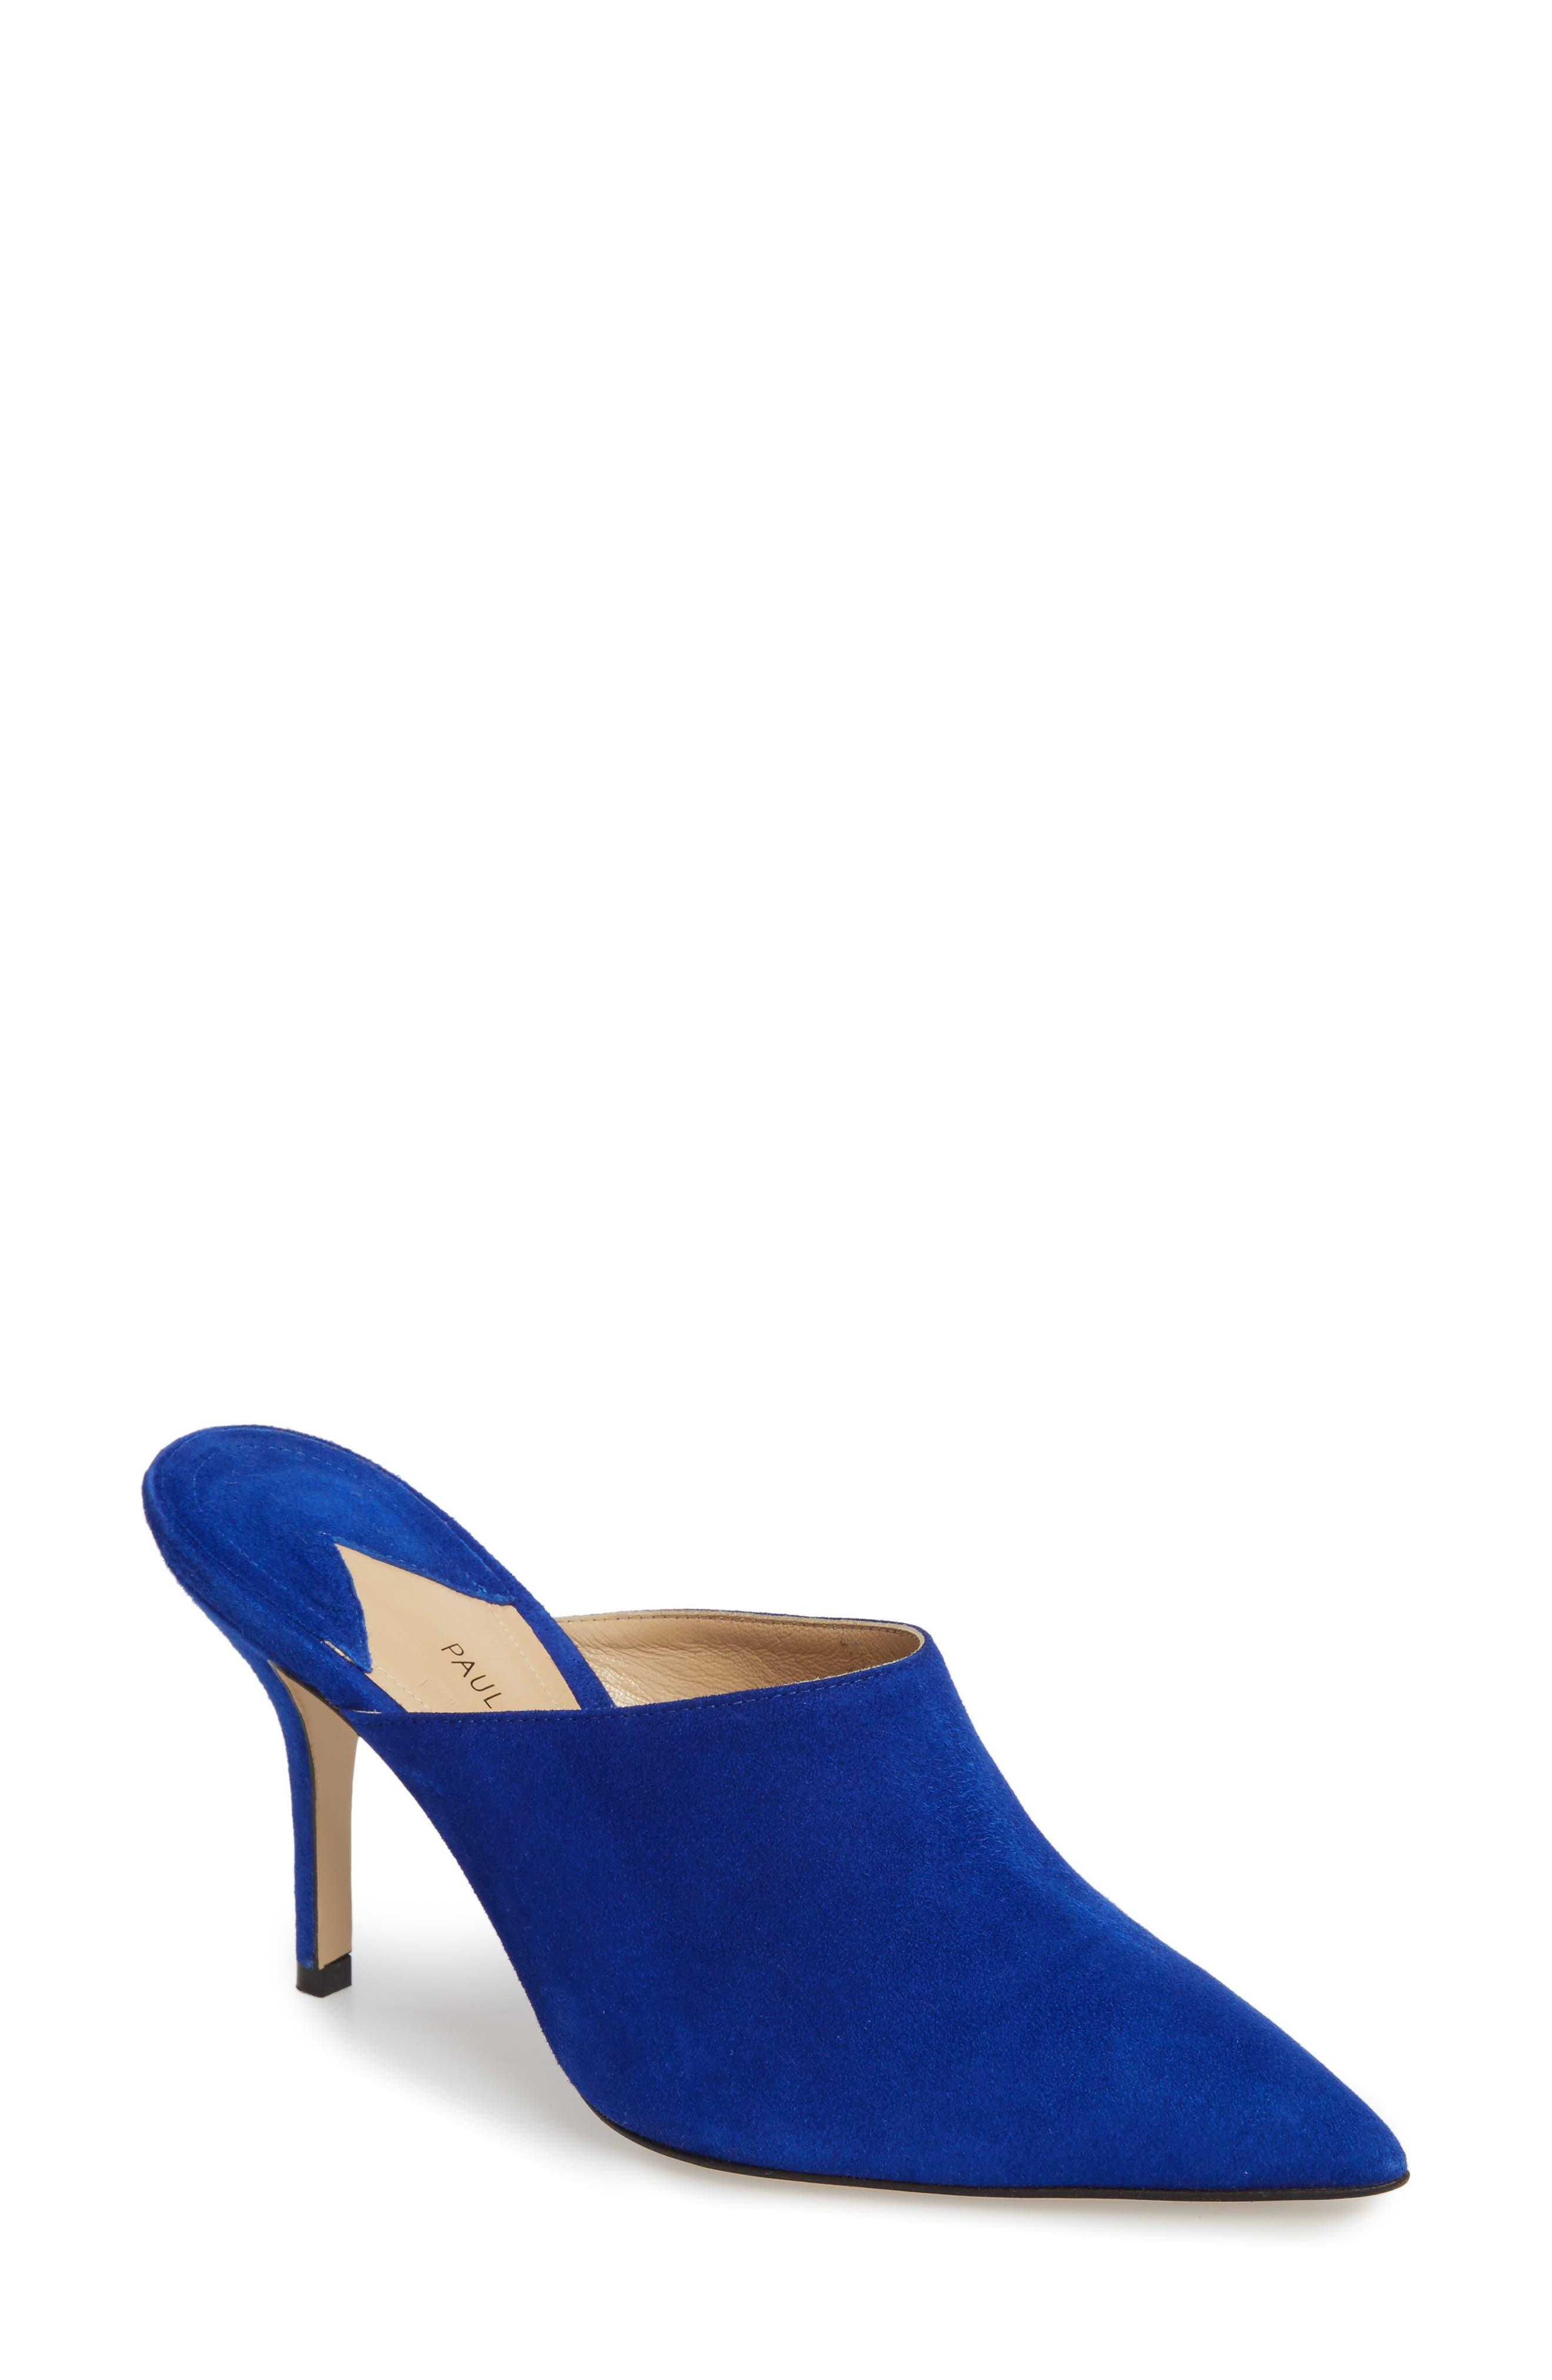 Certosa mules - Blue PAUL ANDREW Ghk0NI54Sc